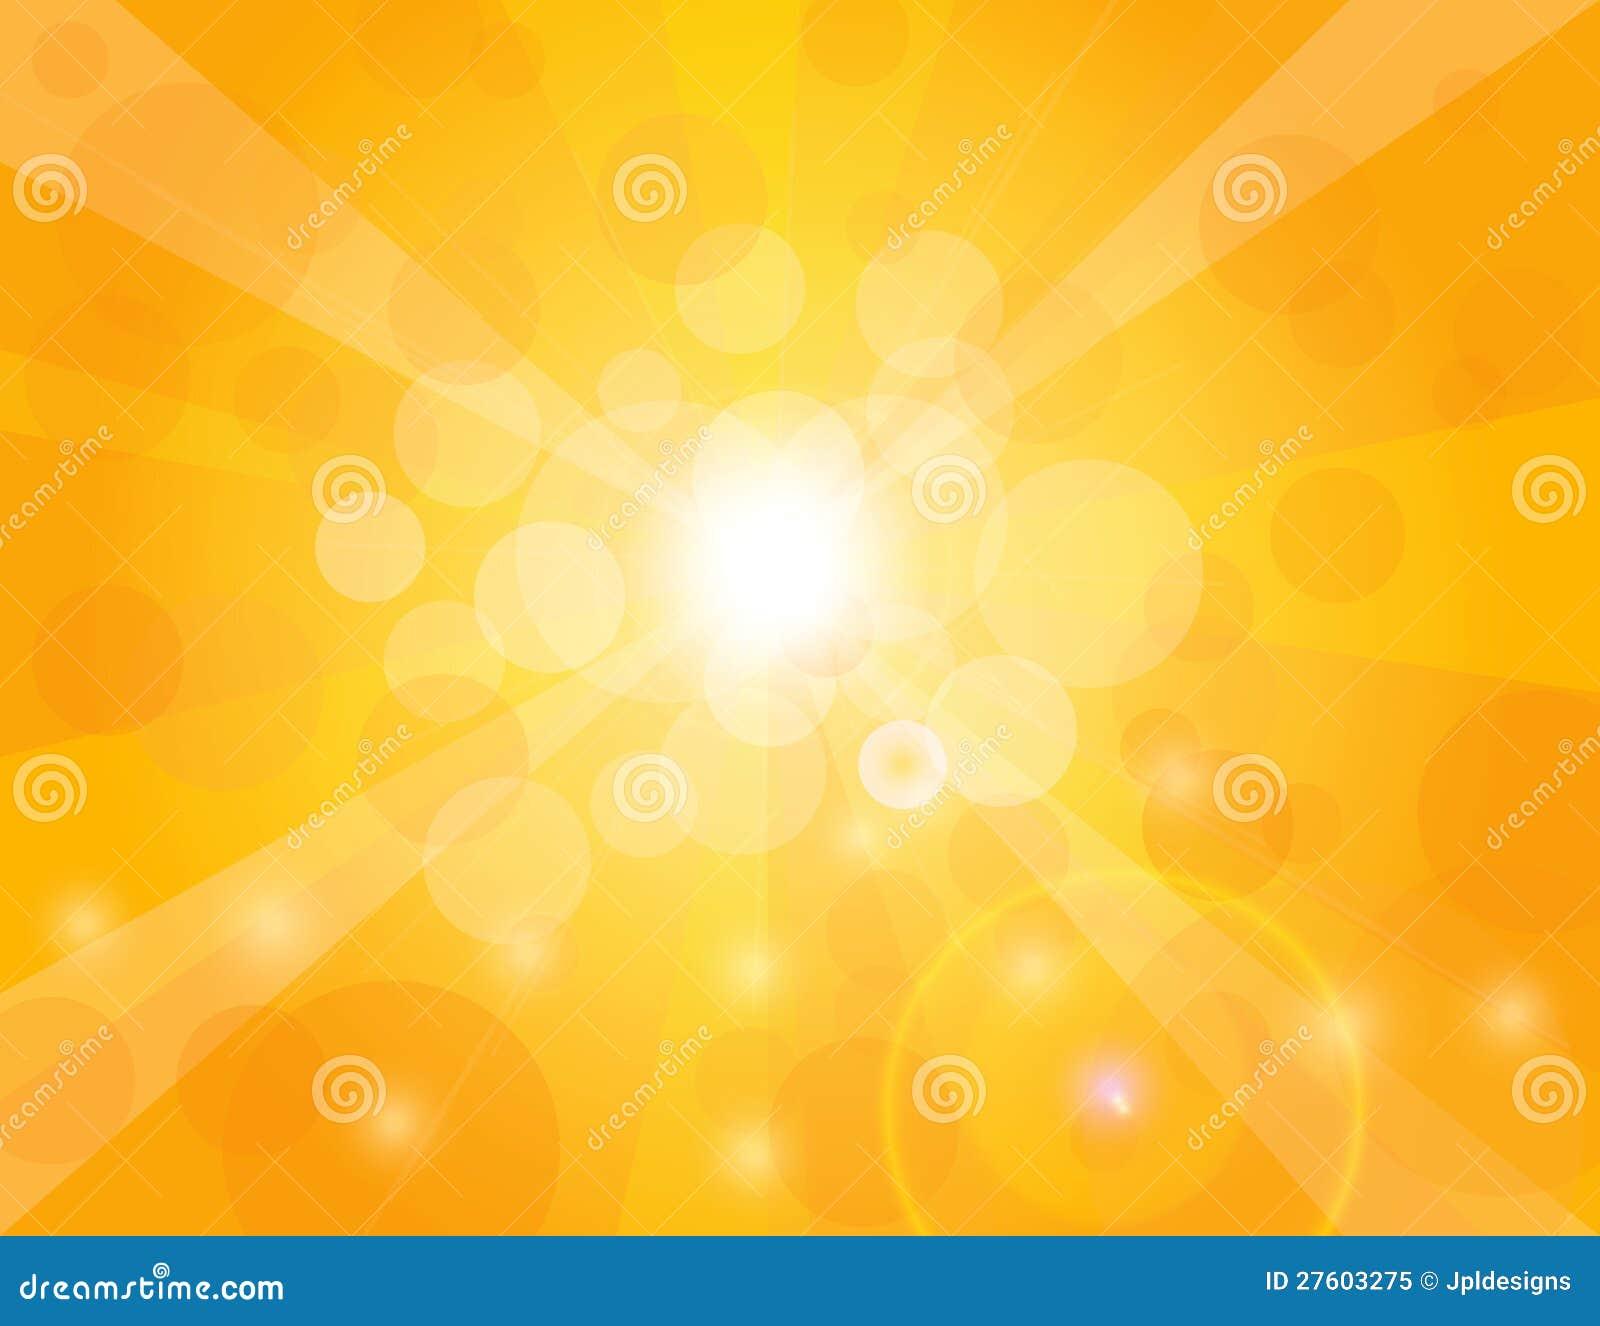 Rayos de Sun en la ilustración anaranjada del fondo